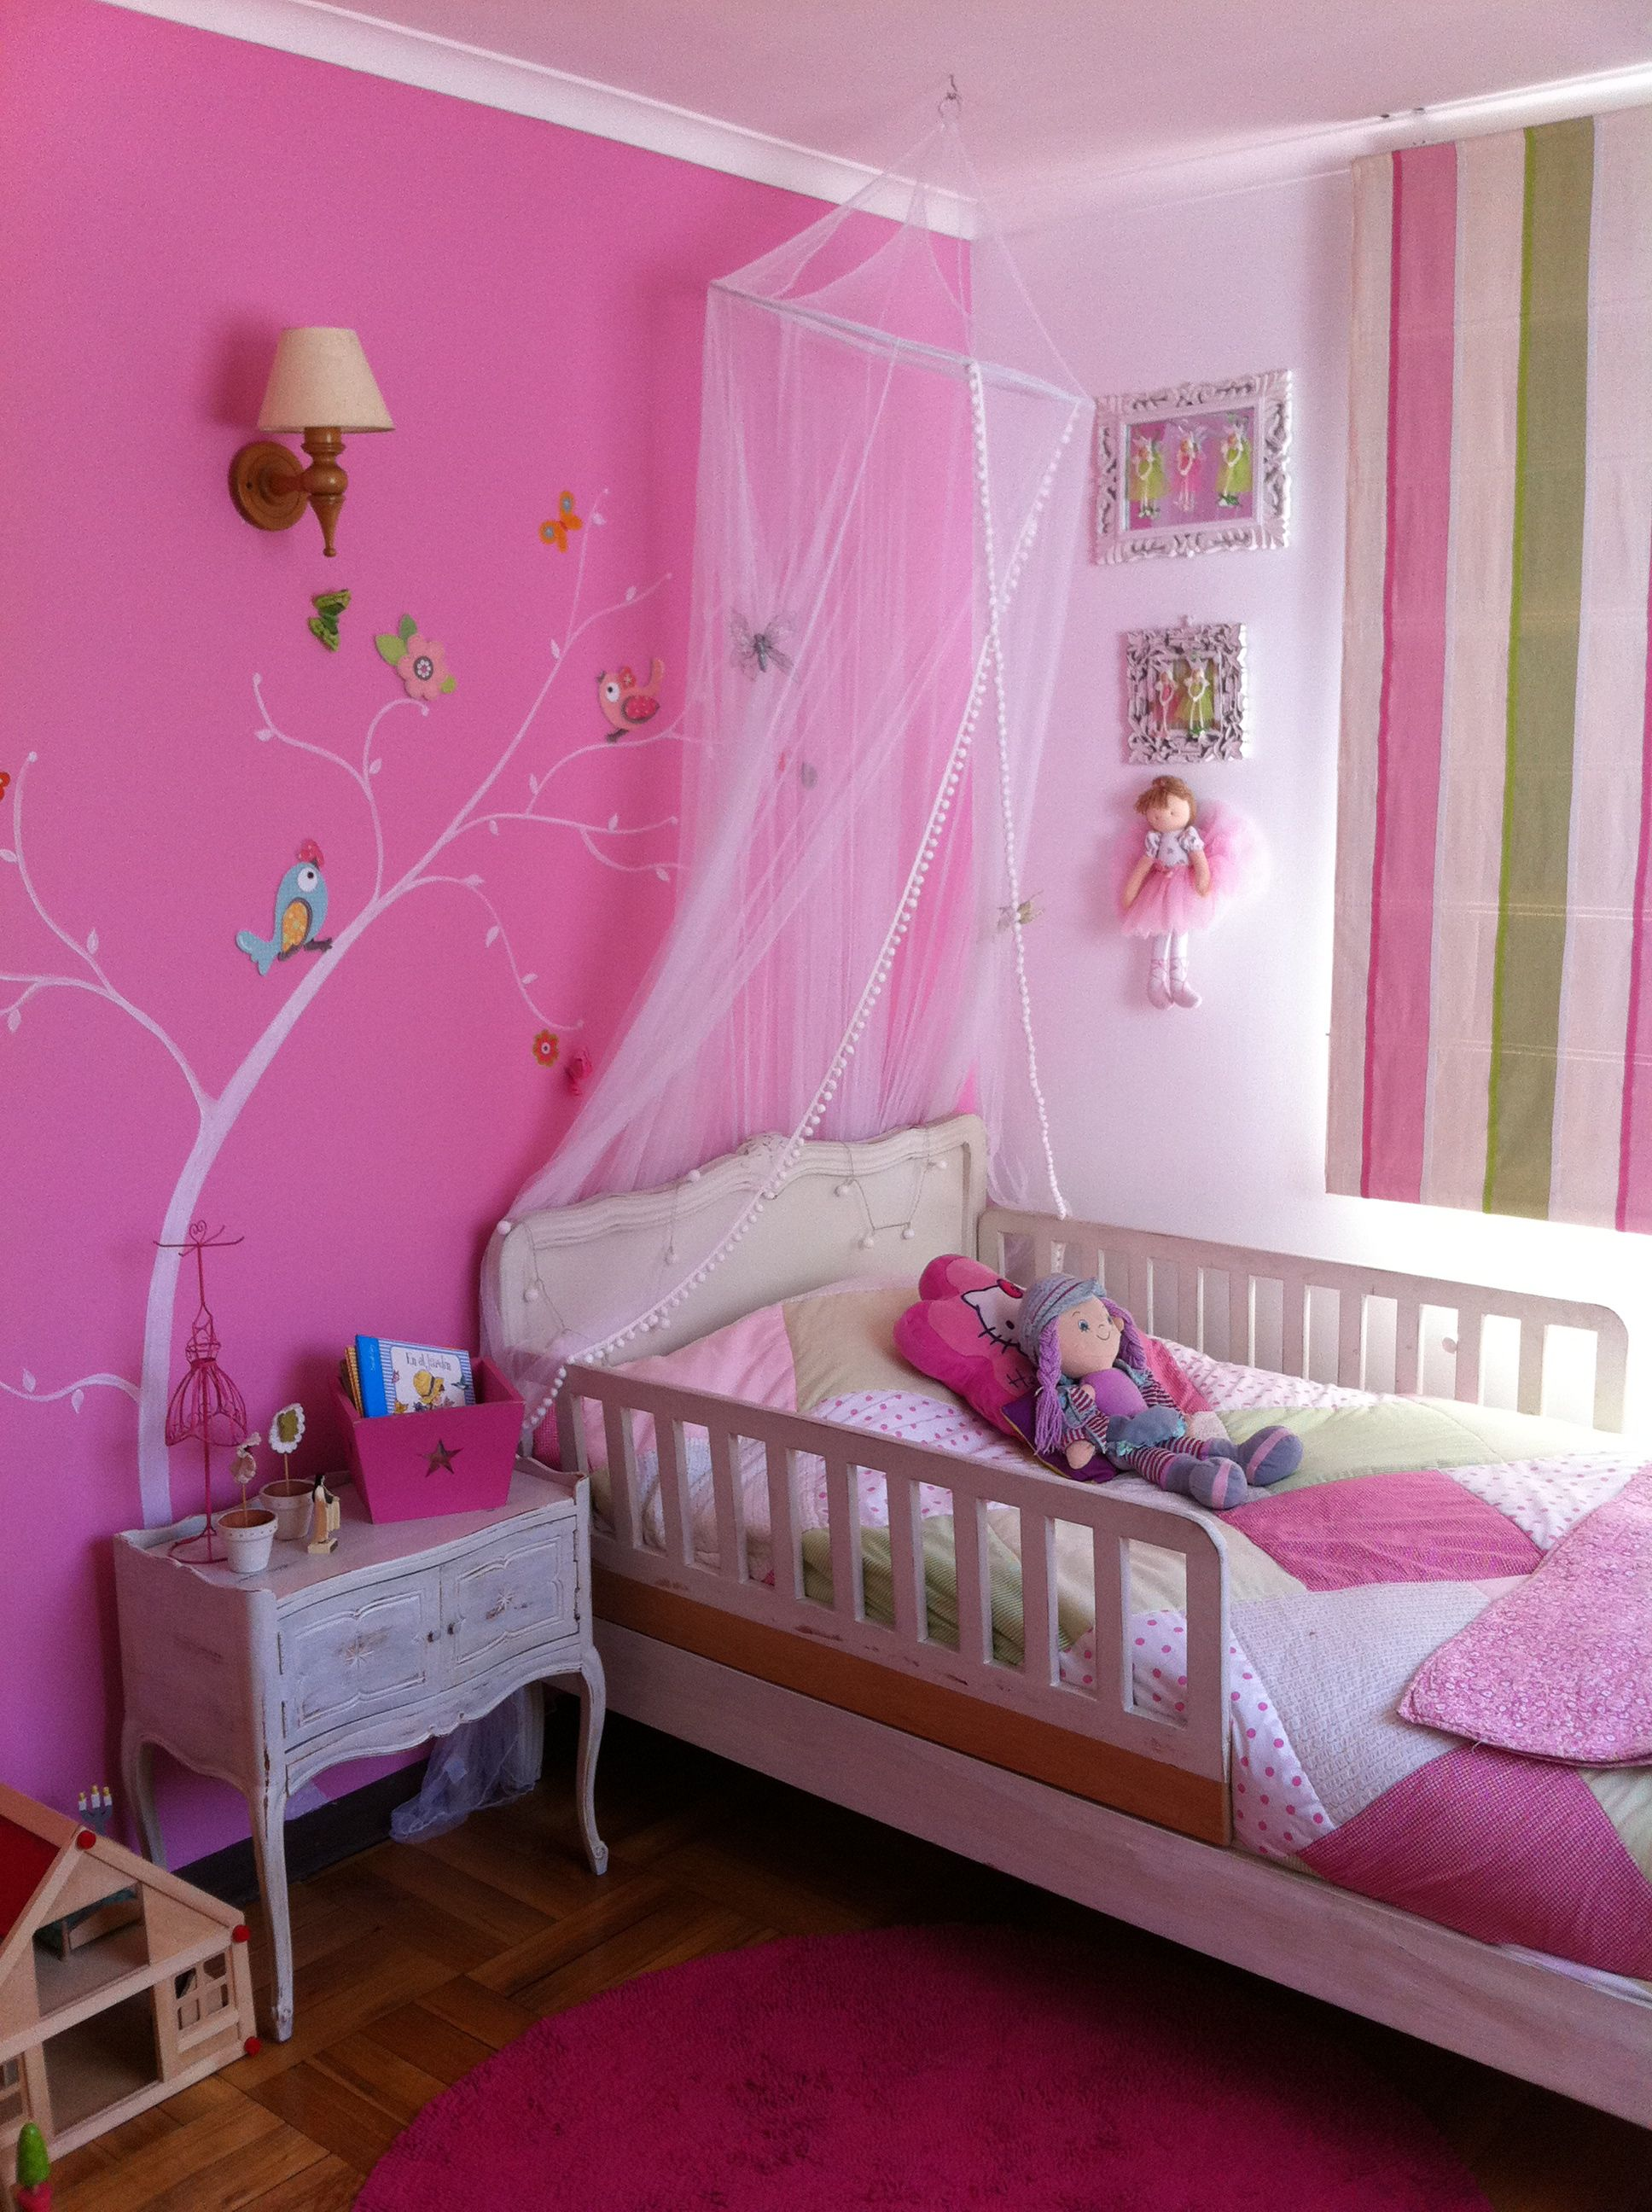 Dormitorio ni as para beb pinterest dormitorios - Dormitorio bebe nina ...